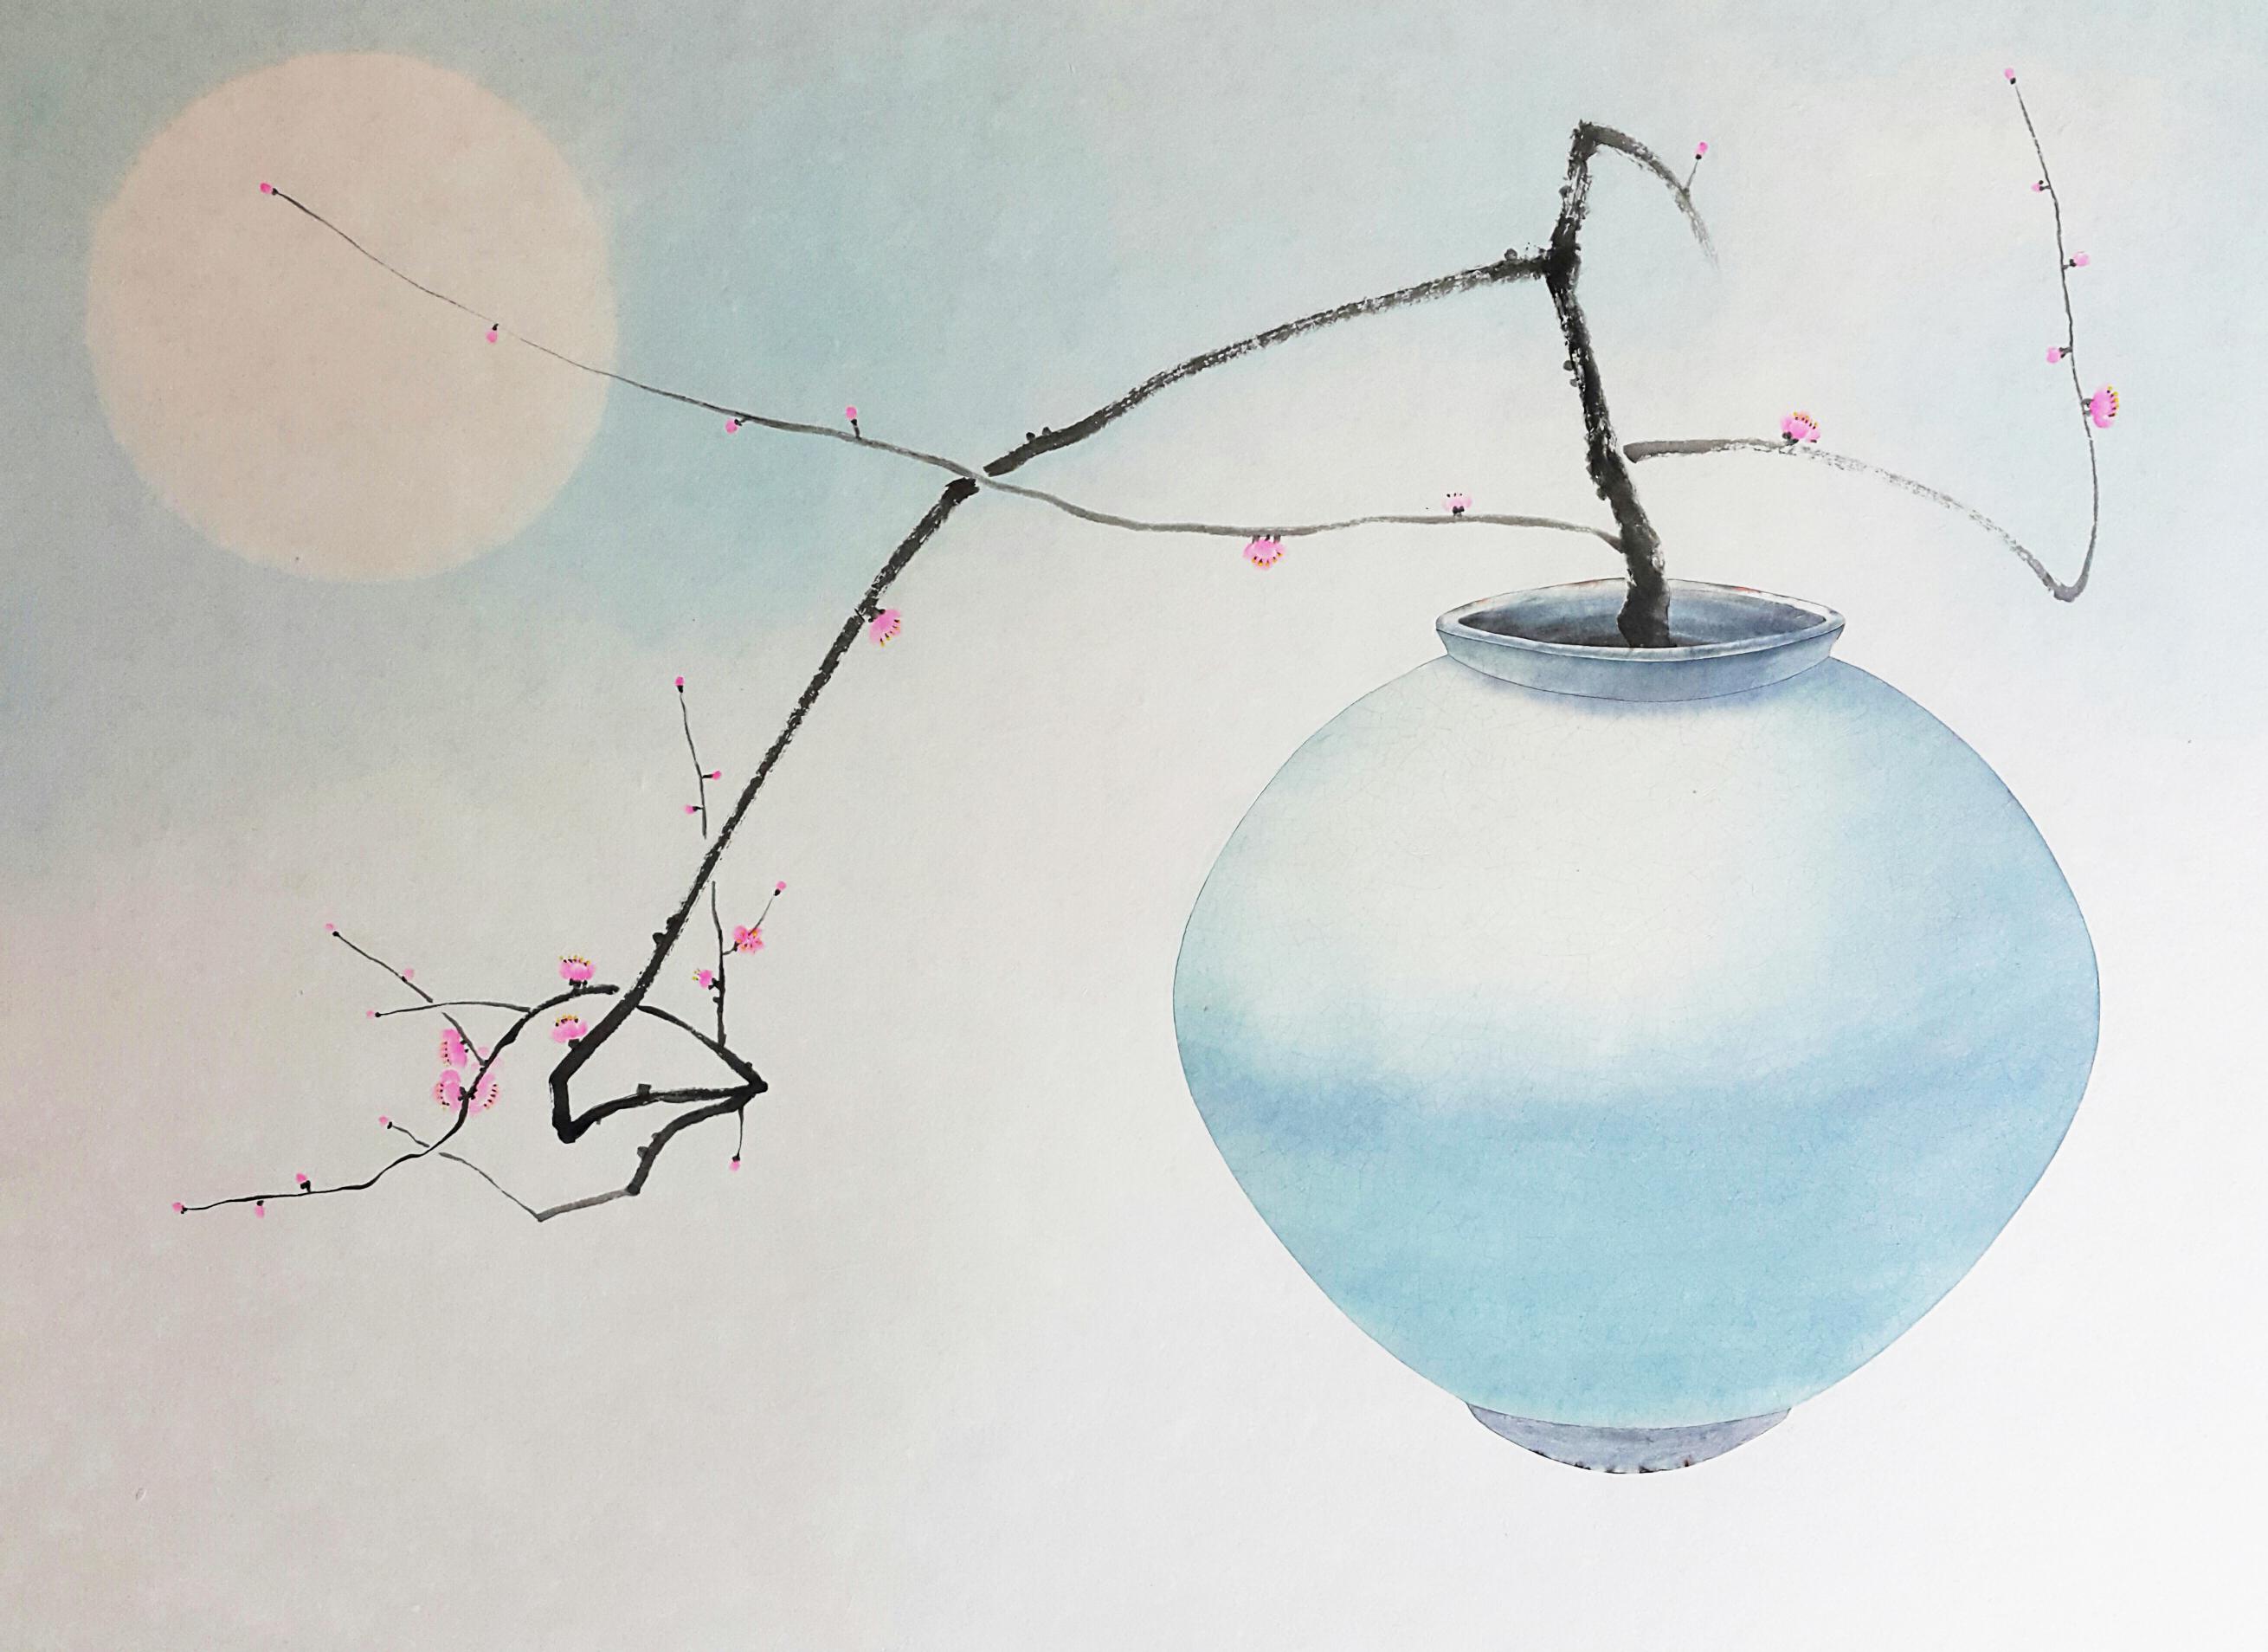 006, 비움과 채움(복을담다), 109 x 79 cm, 한지에 혼합재료